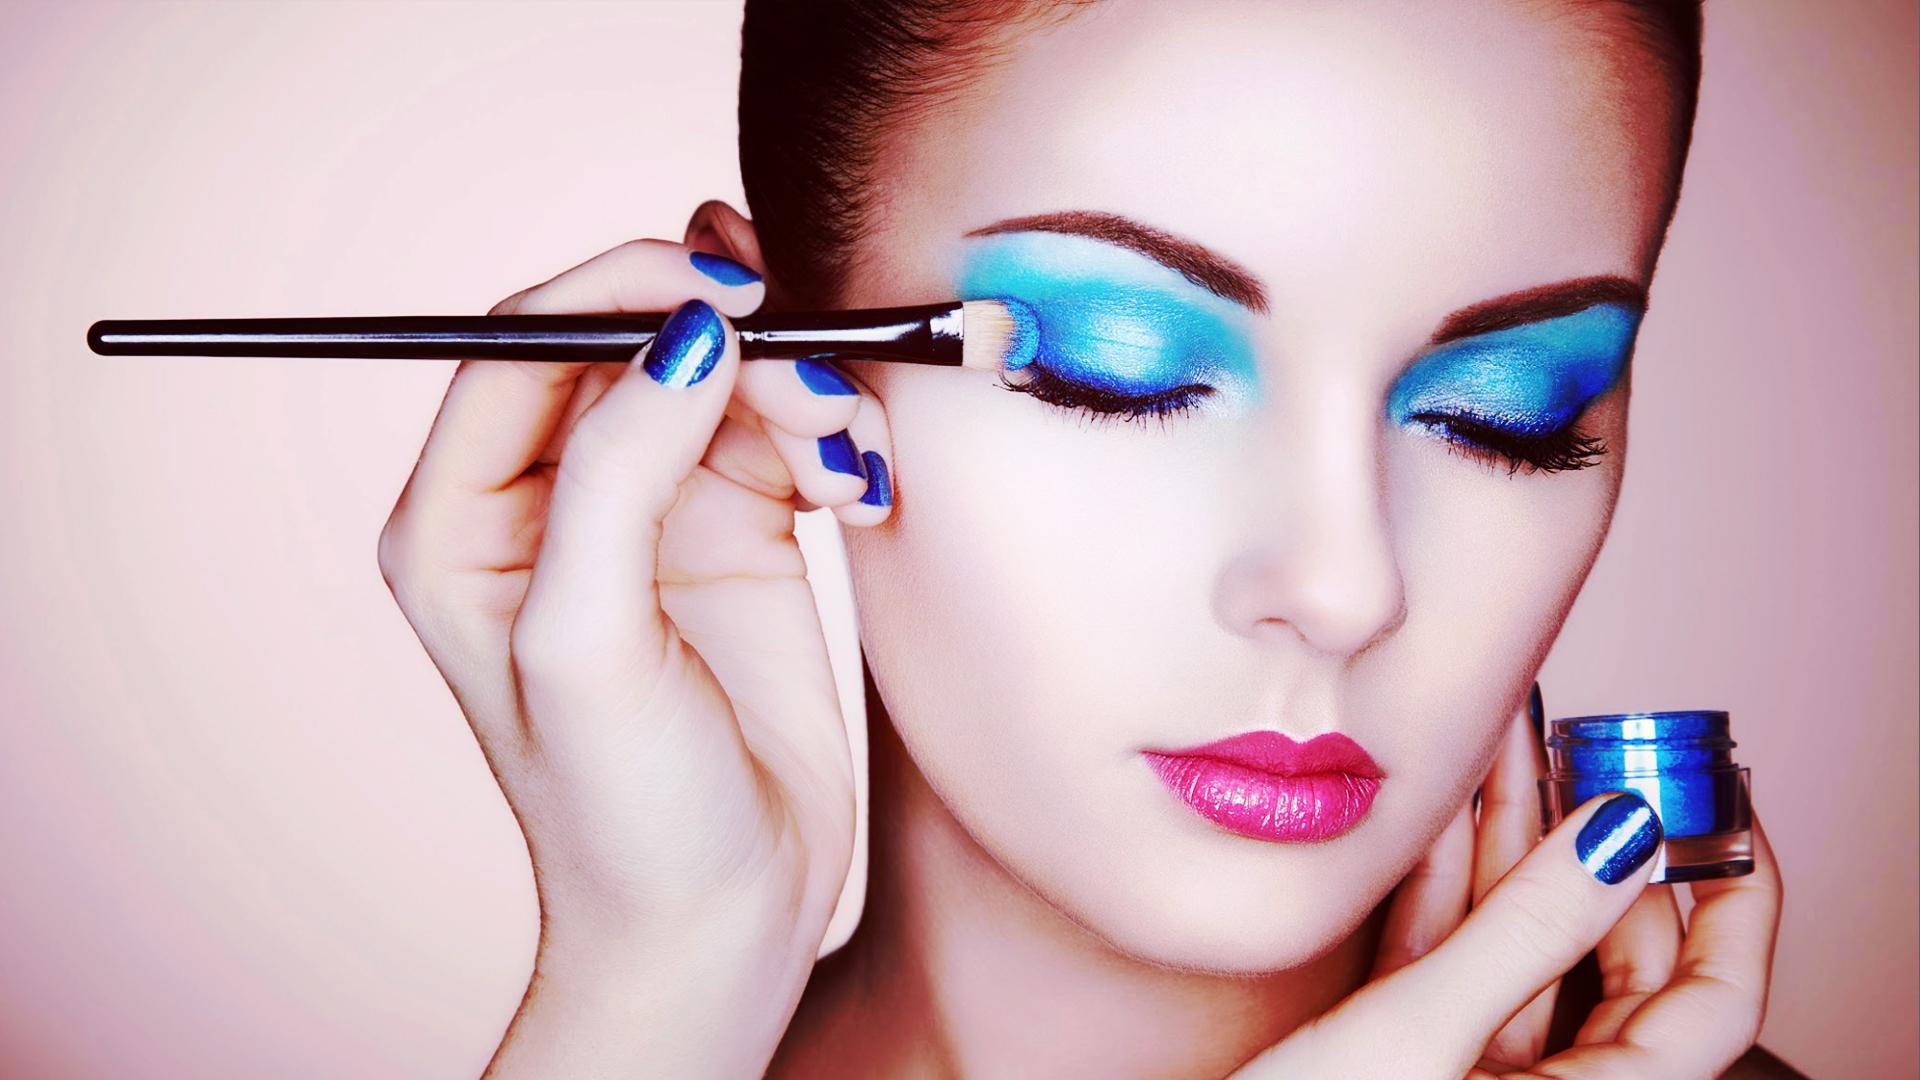 20 Fantastic Hd Makeup Wallpapers  Hdwallsourcecom